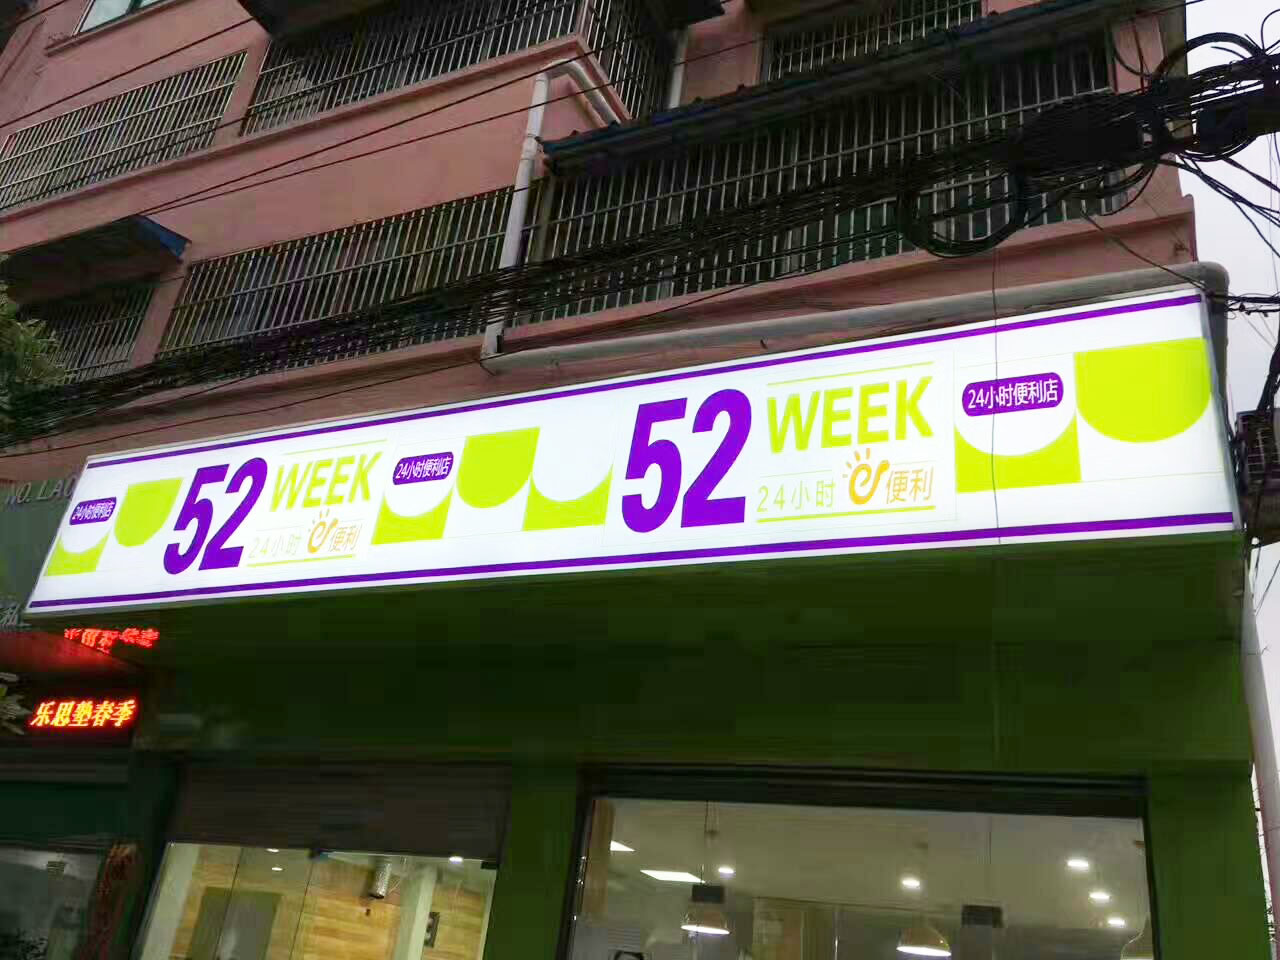 24小时便利店加盟安徽六安52week便利店齐云路店